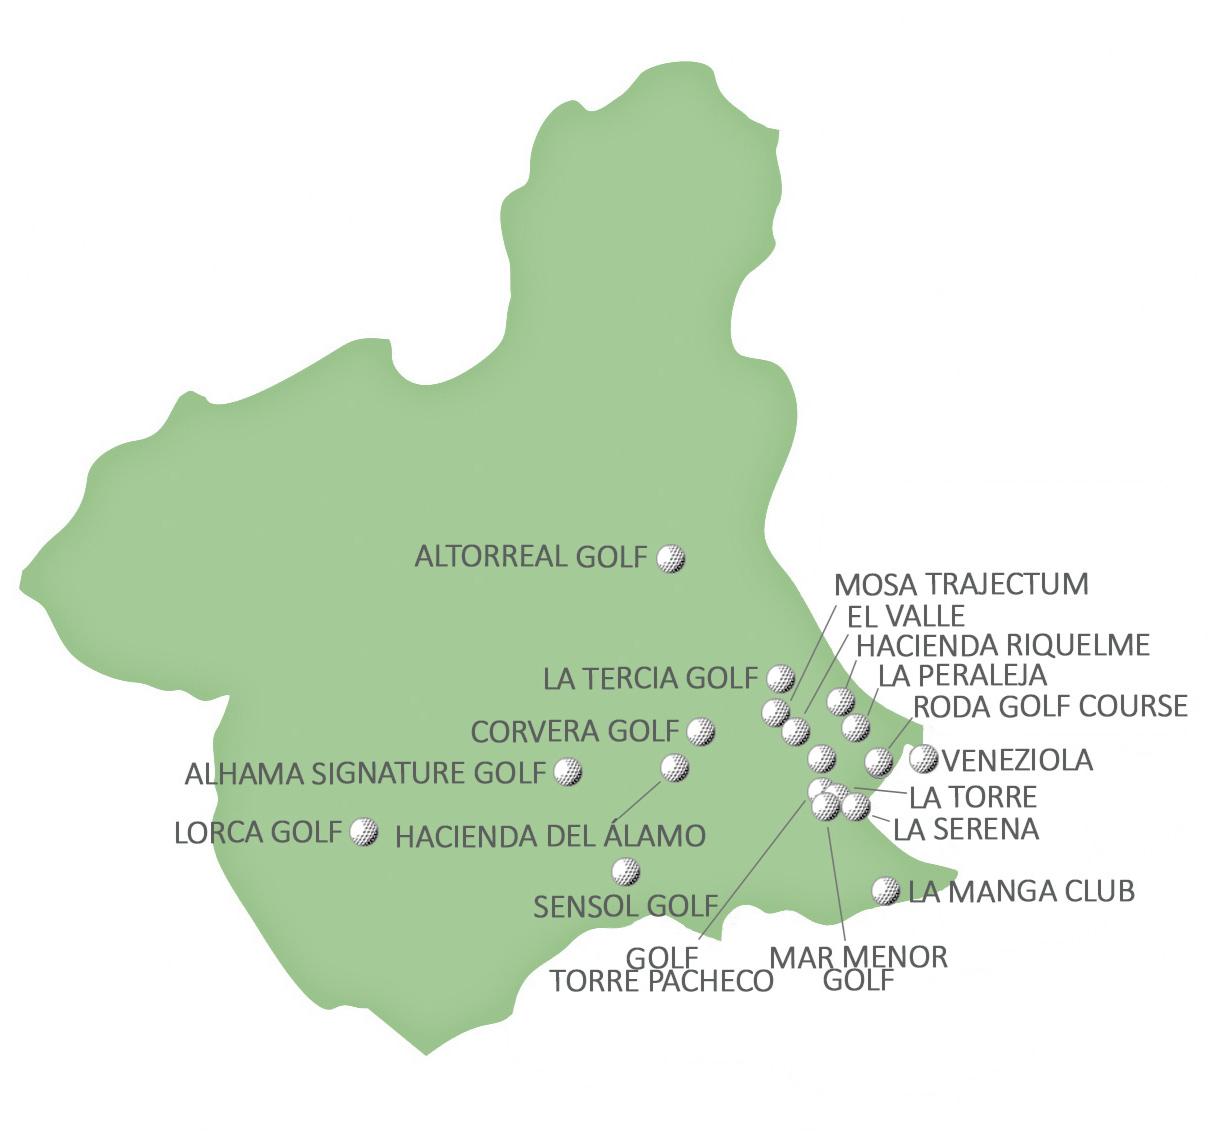 campos golf murcia